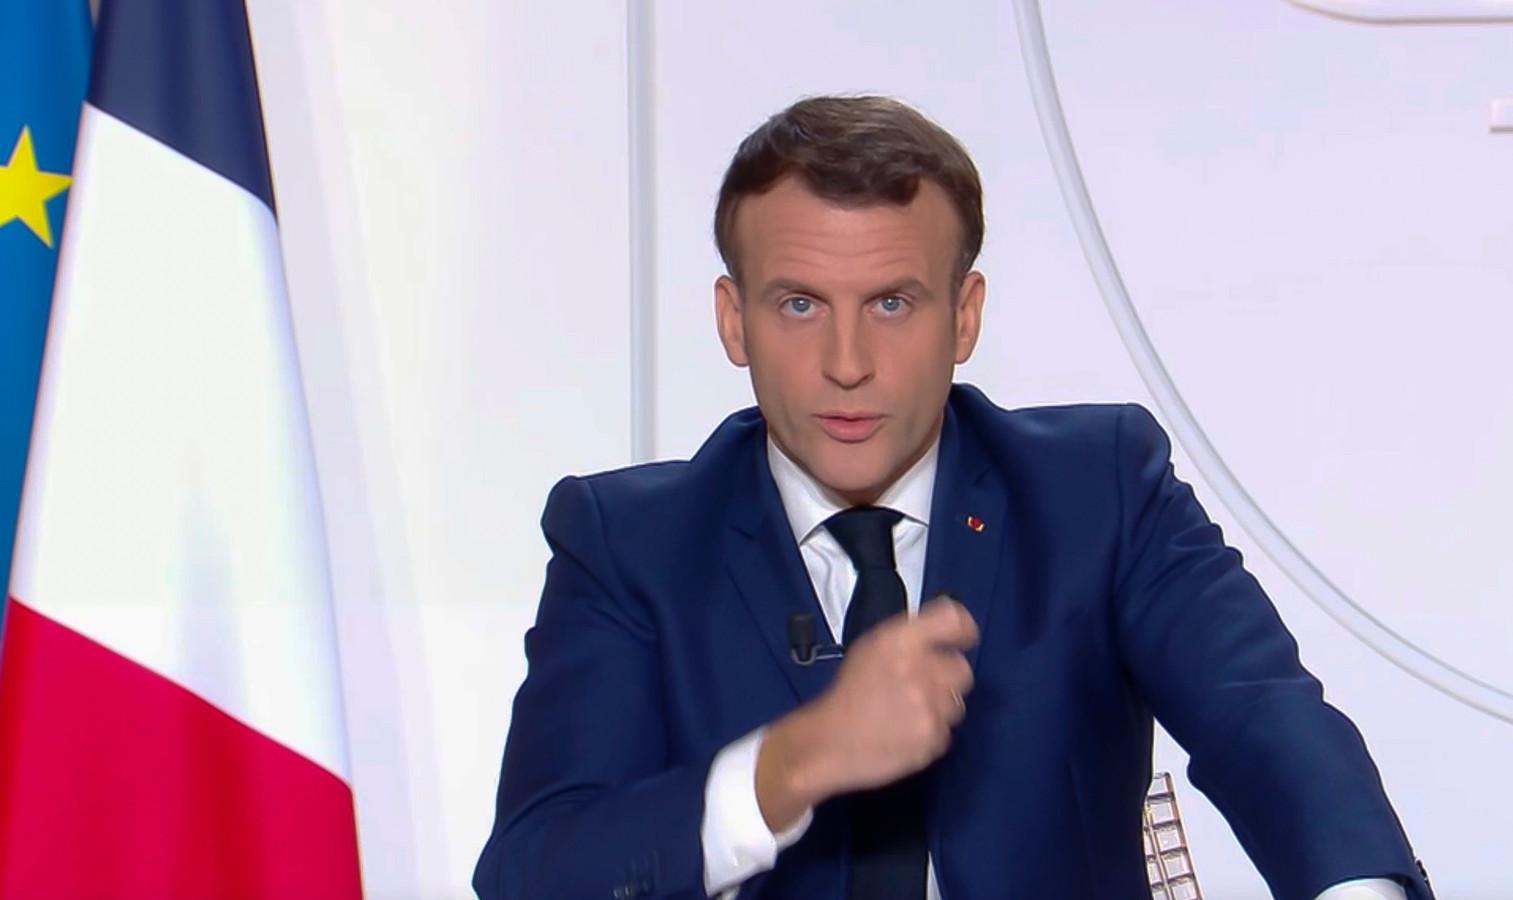 Le président français Emmanuel Macron lors de son allocution ce 24 novembre 2020.